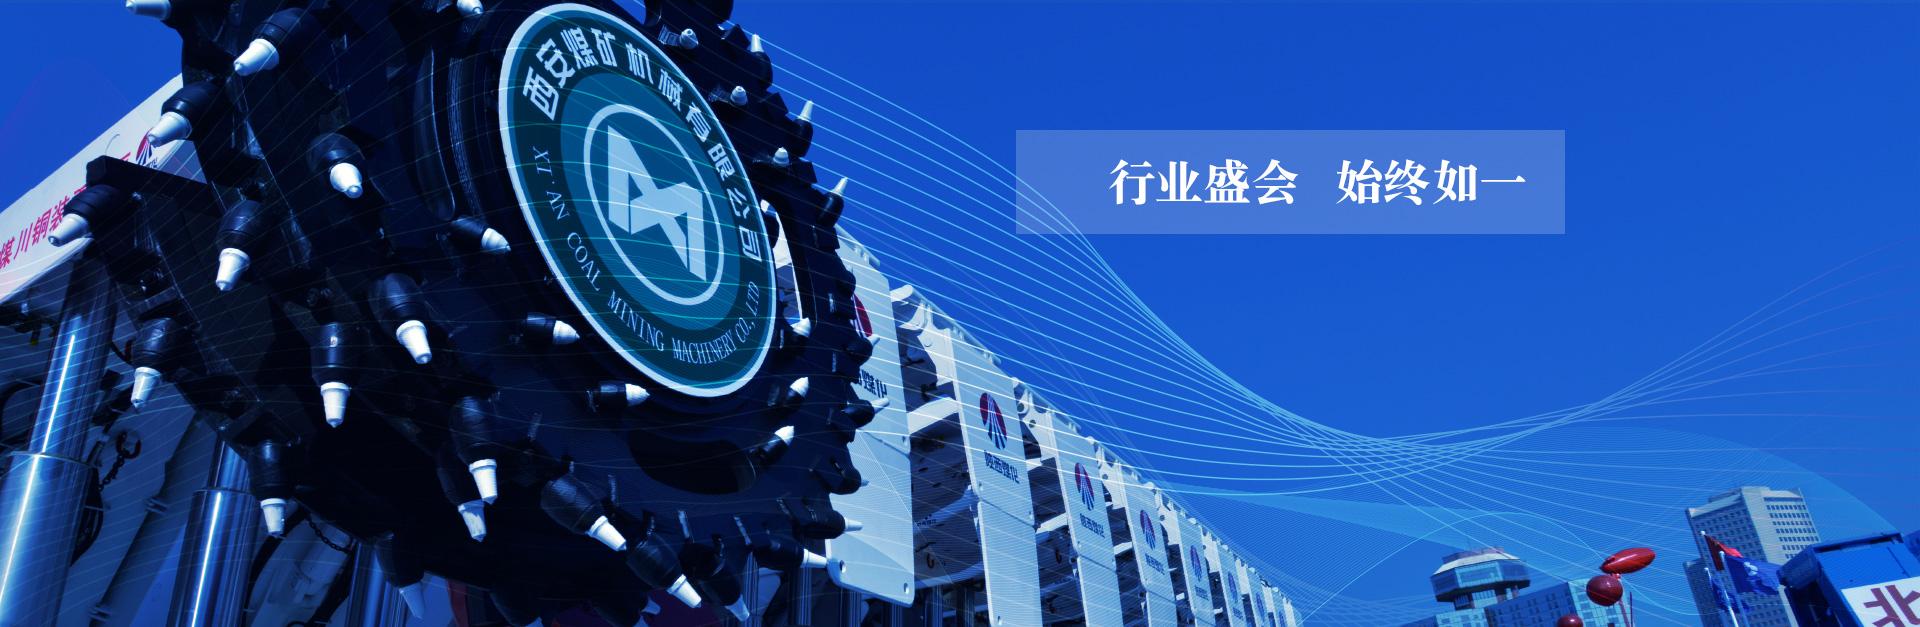 2021北京矿山机械博览会